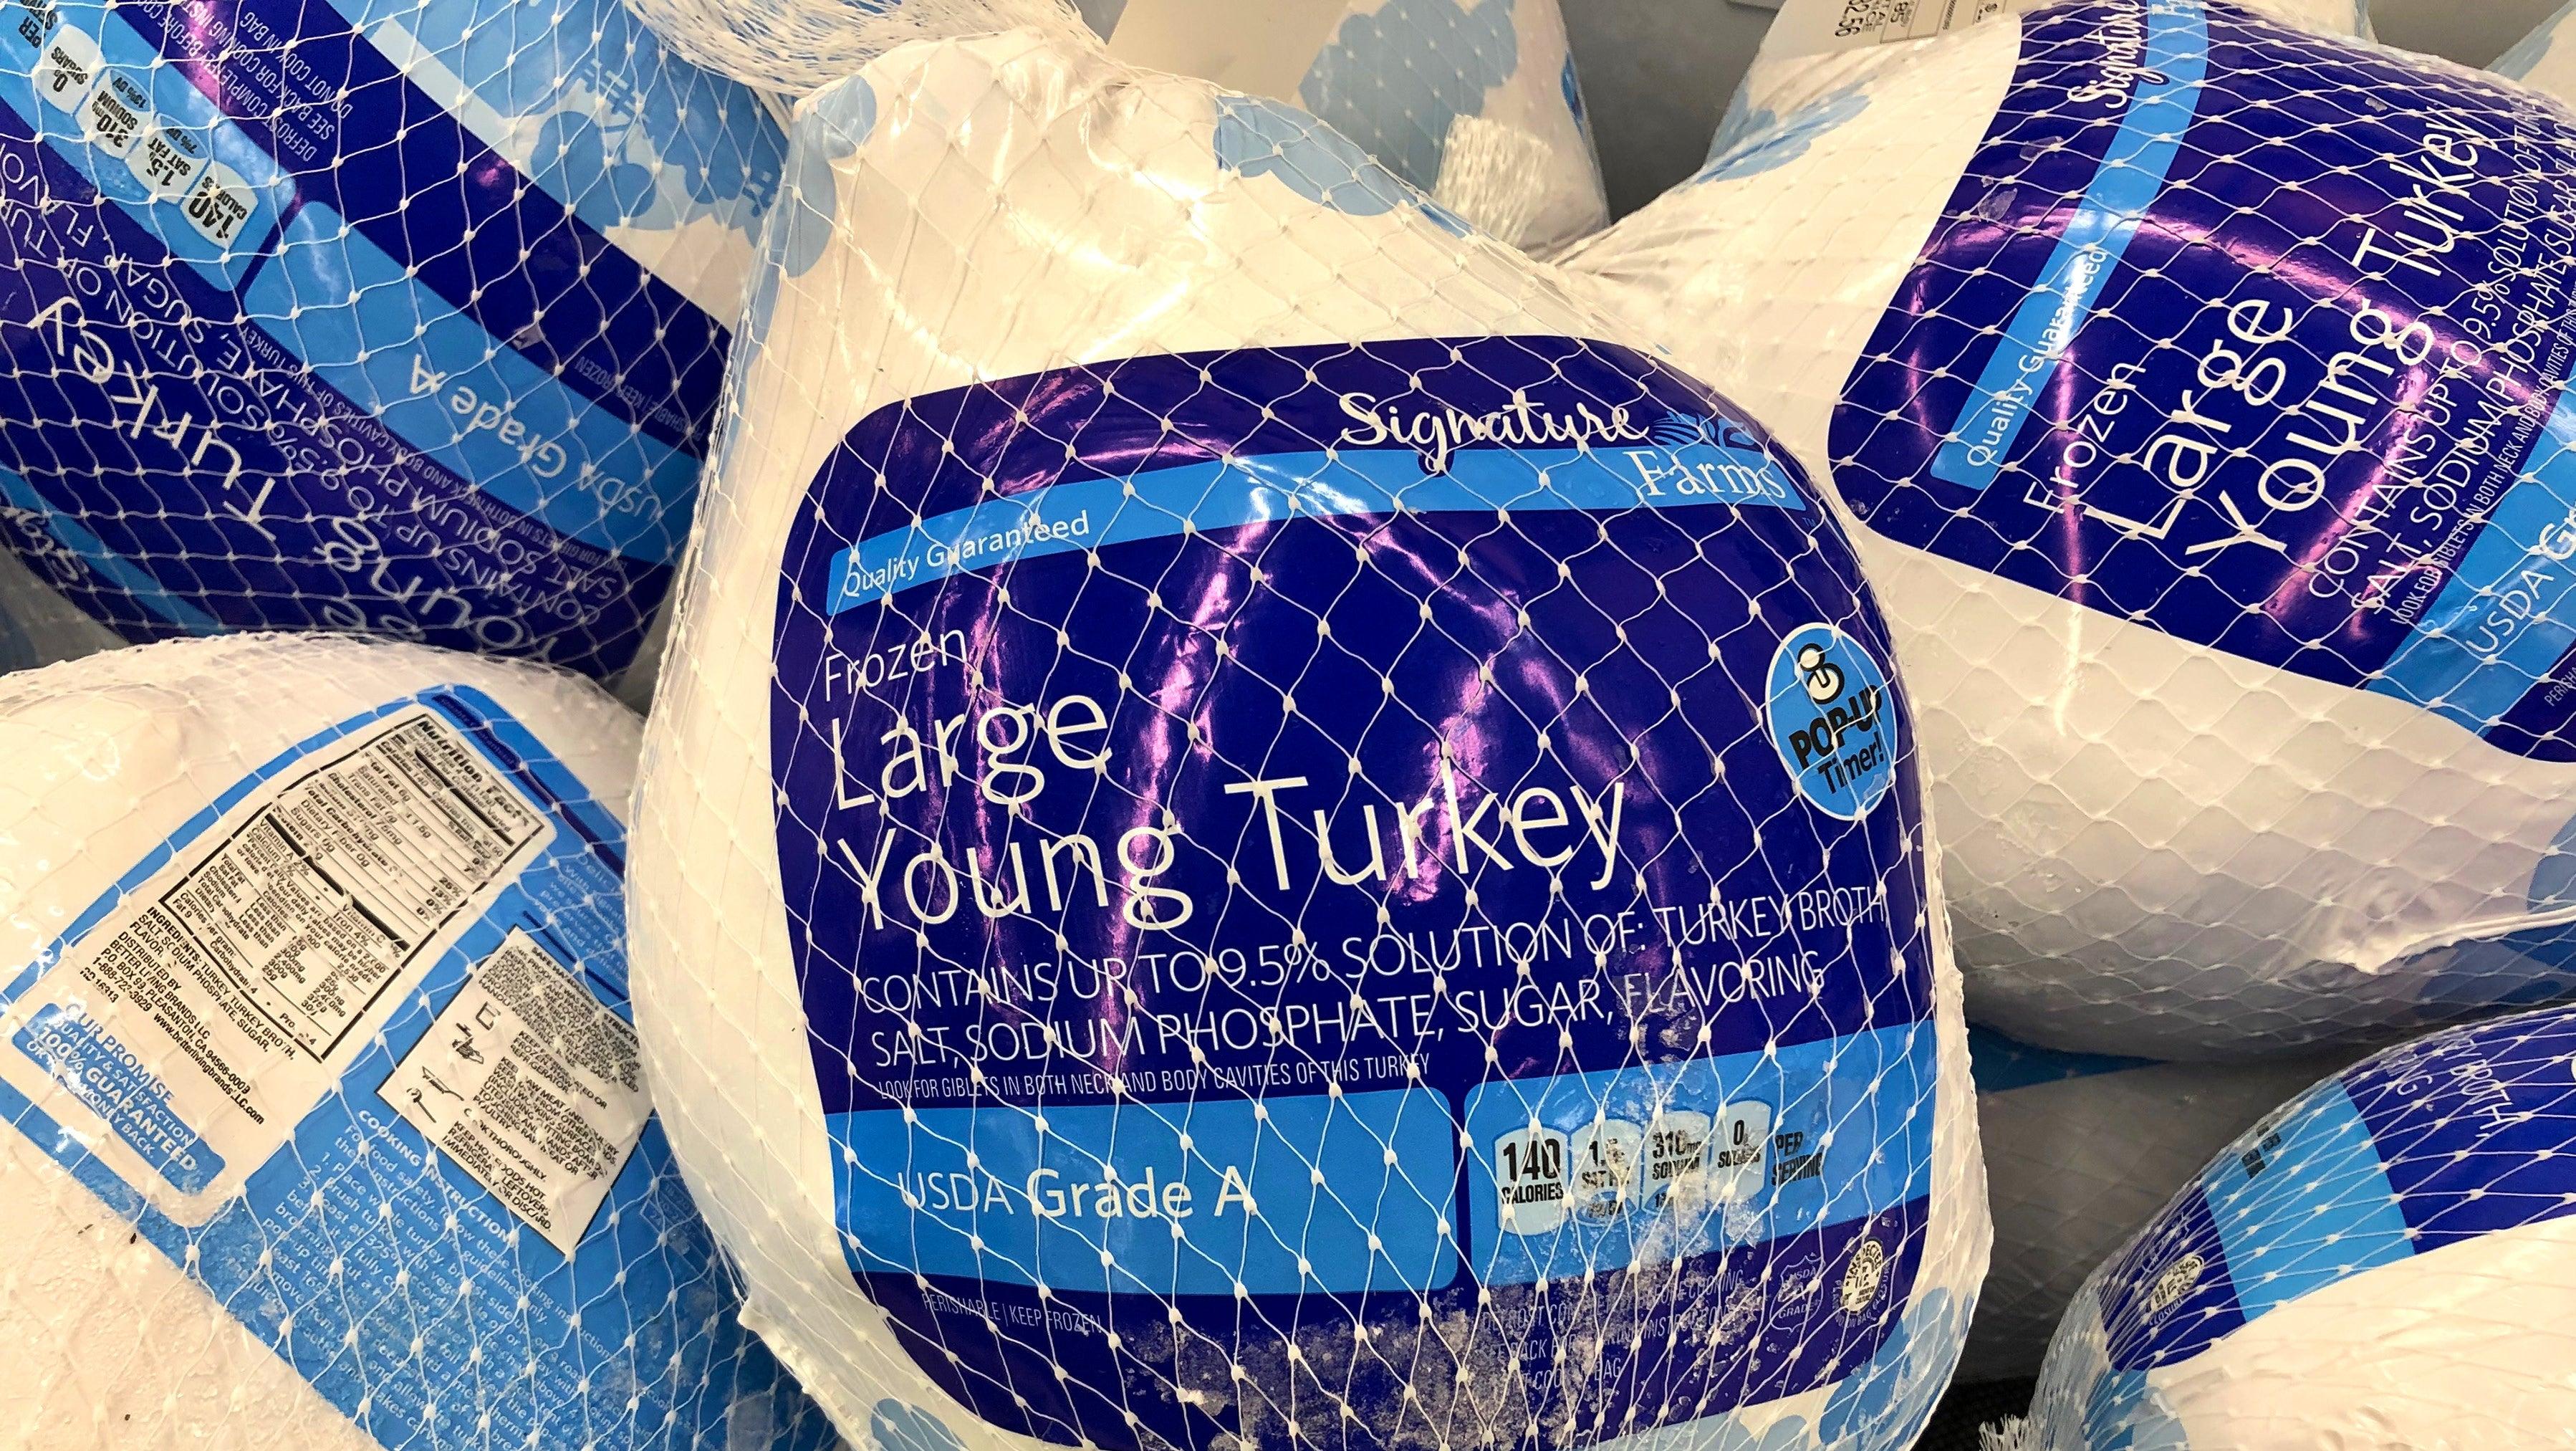 Last Year's Frozen Turkey Is Still Good